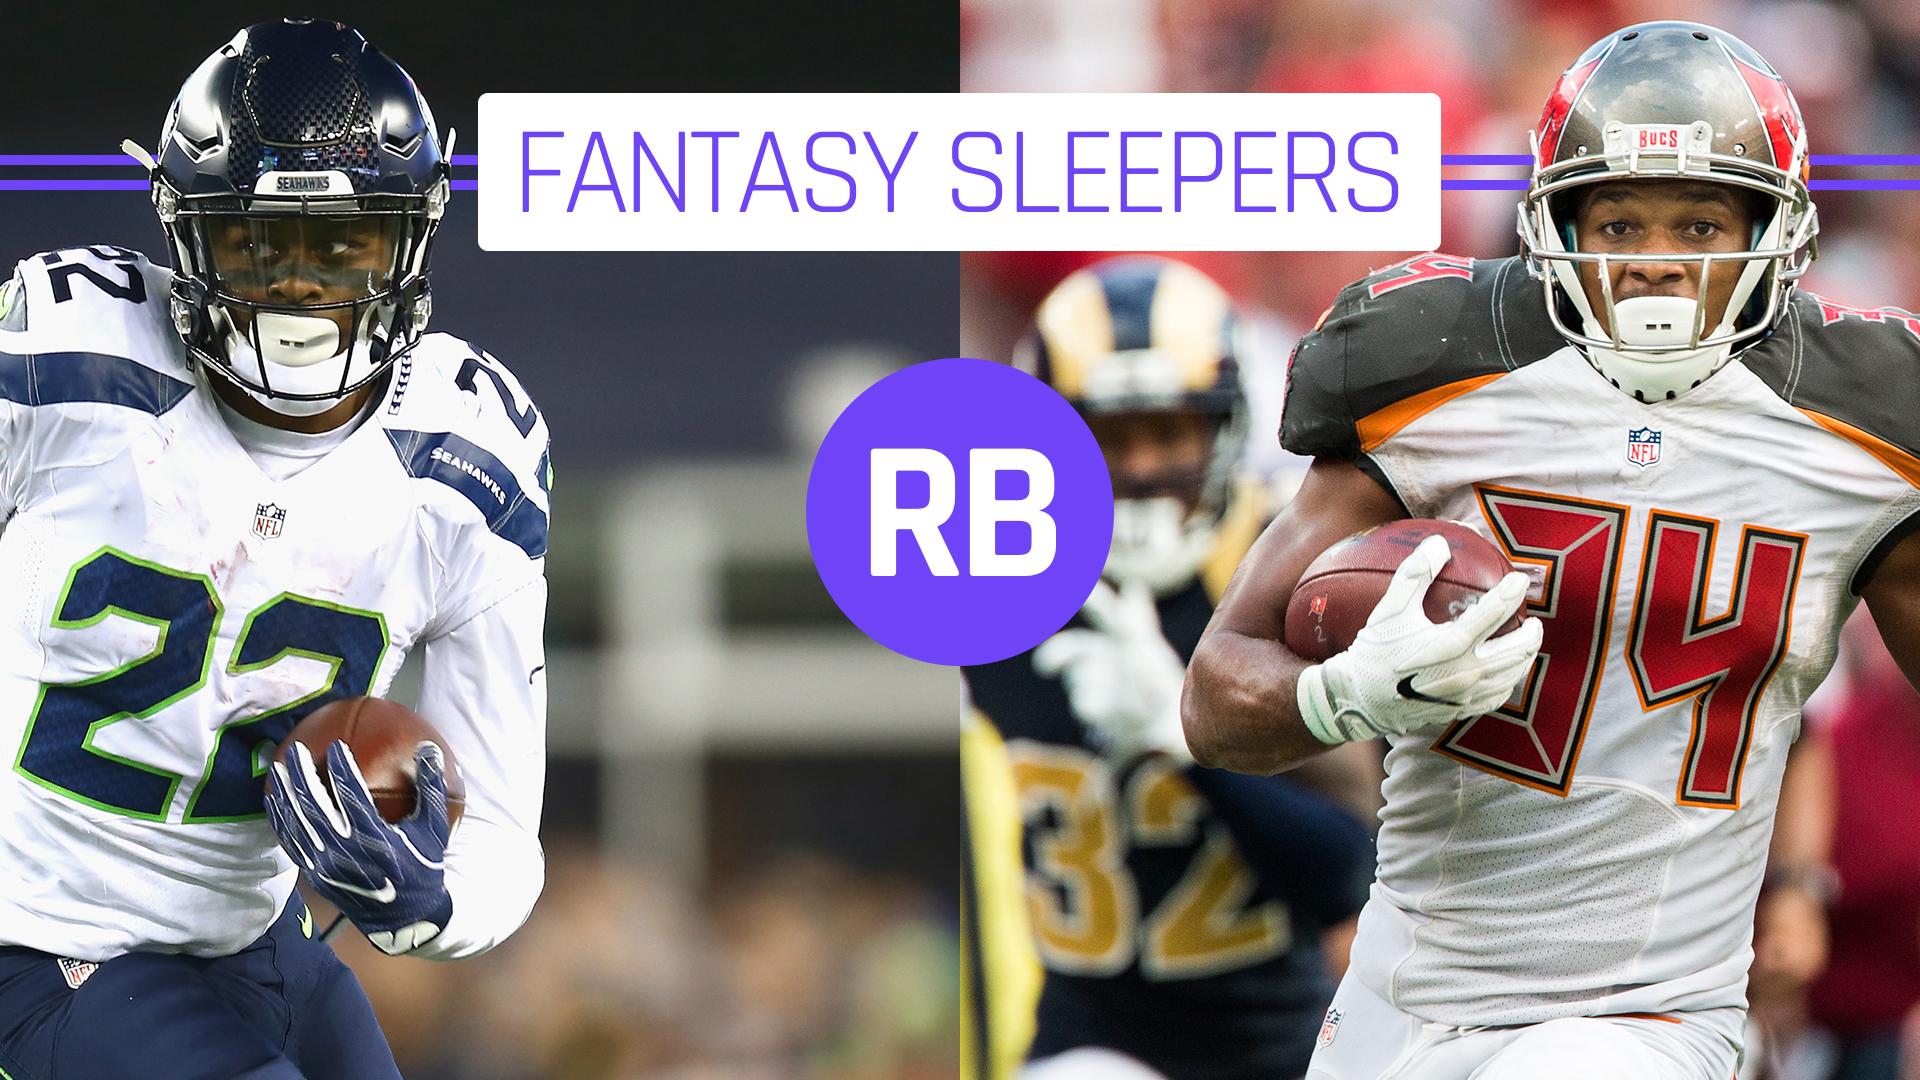 2017 Fantasy Football Sleepers: Running backs | Fantasy ...